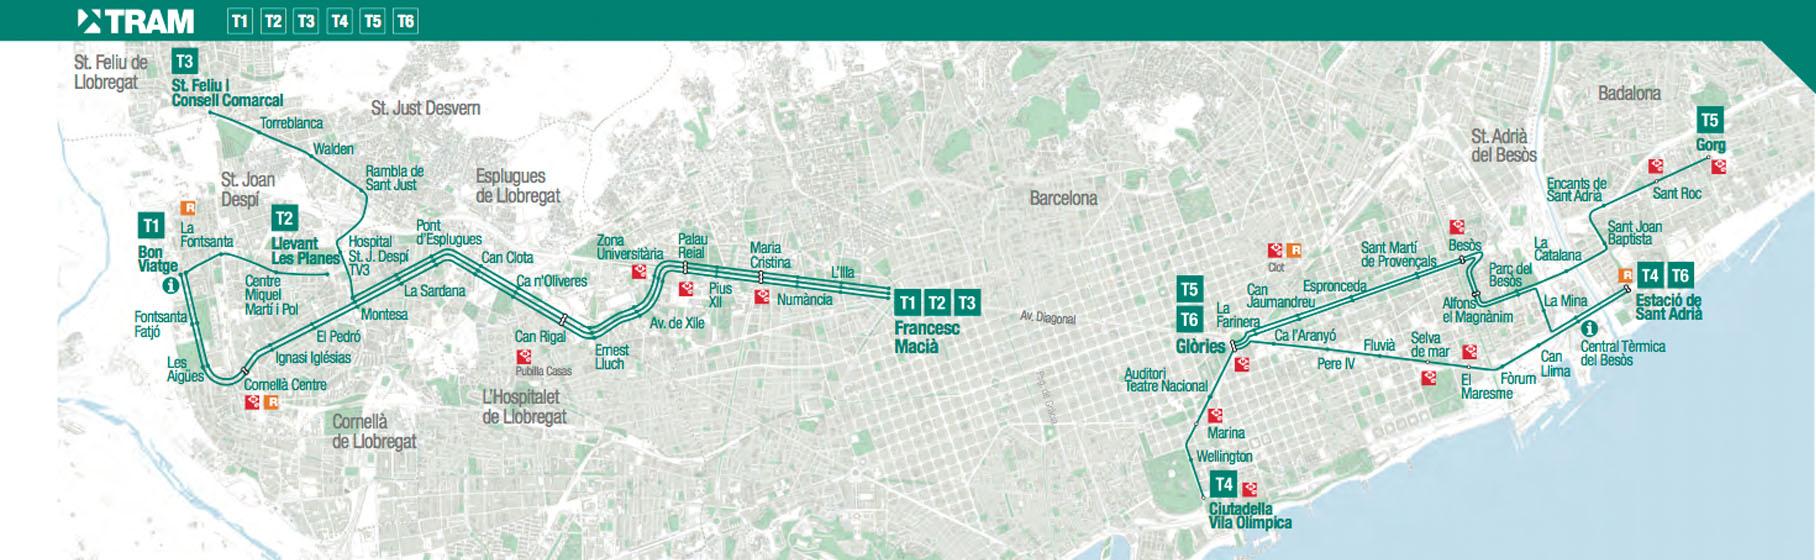 Plano del Tranvía de Barcelona (TRAM)